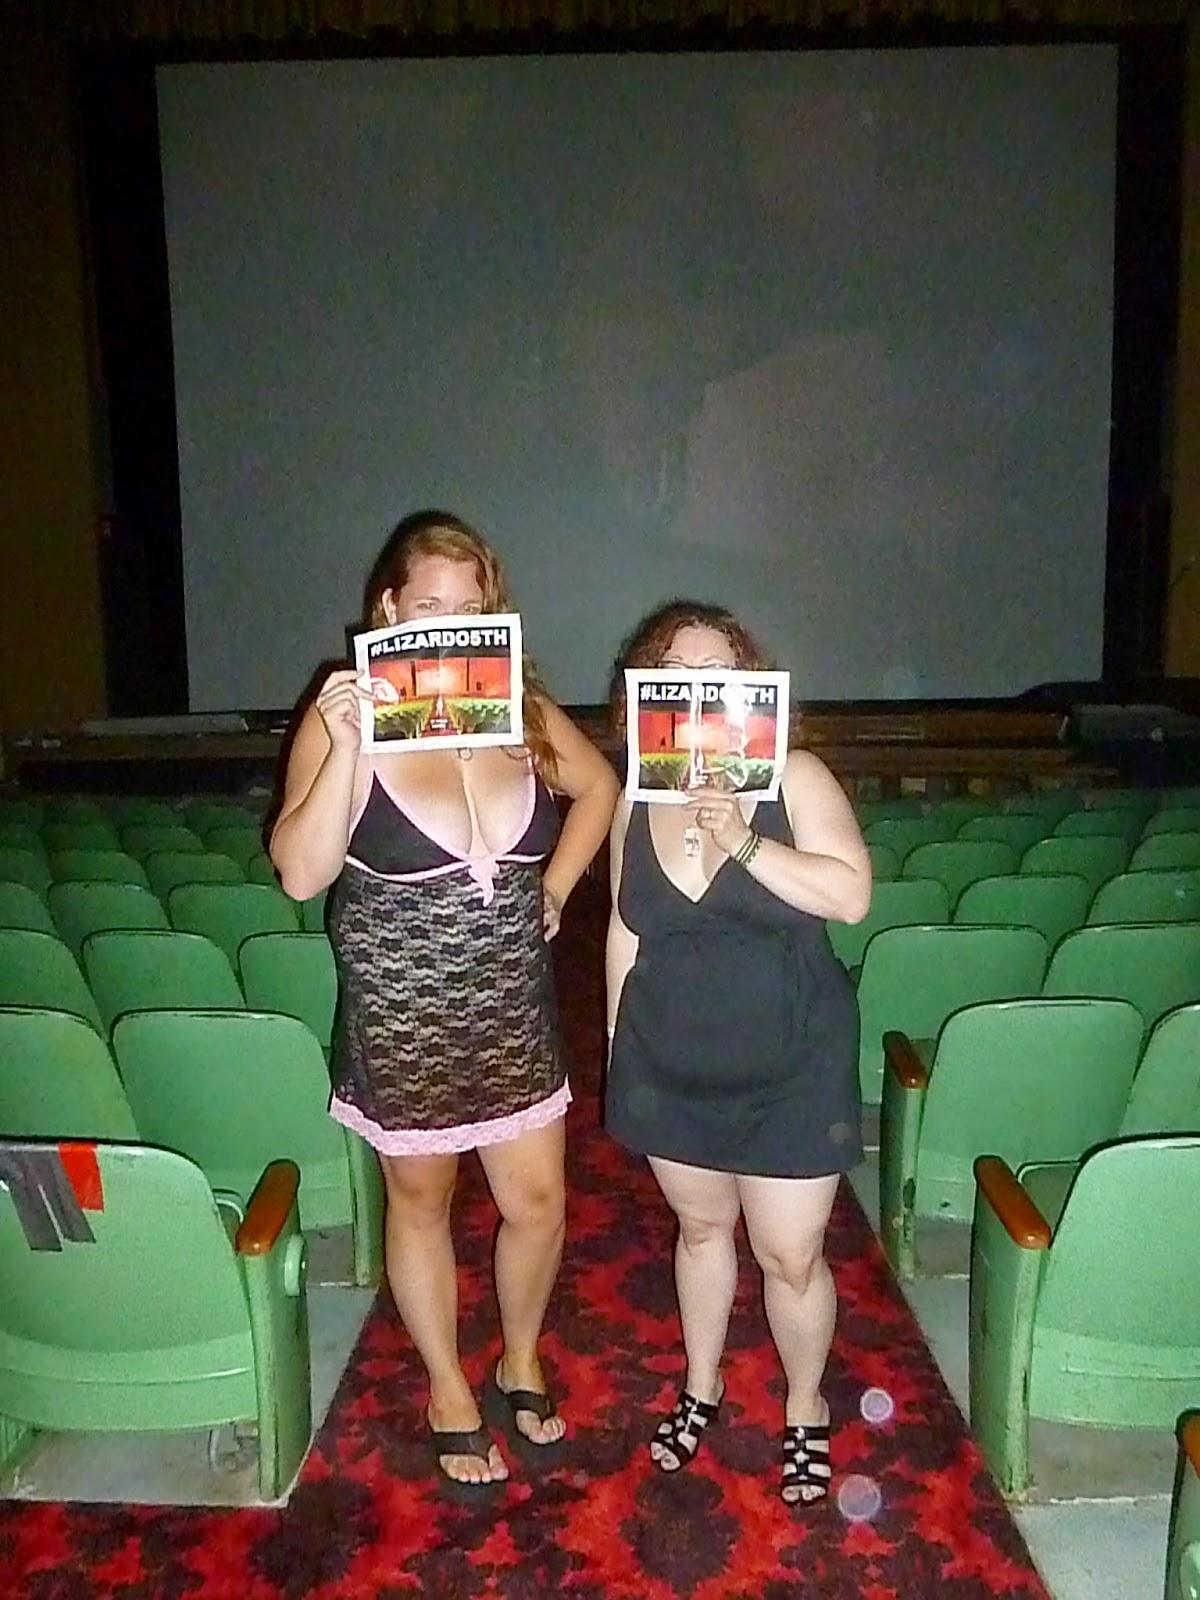 Movie stick it girl naked